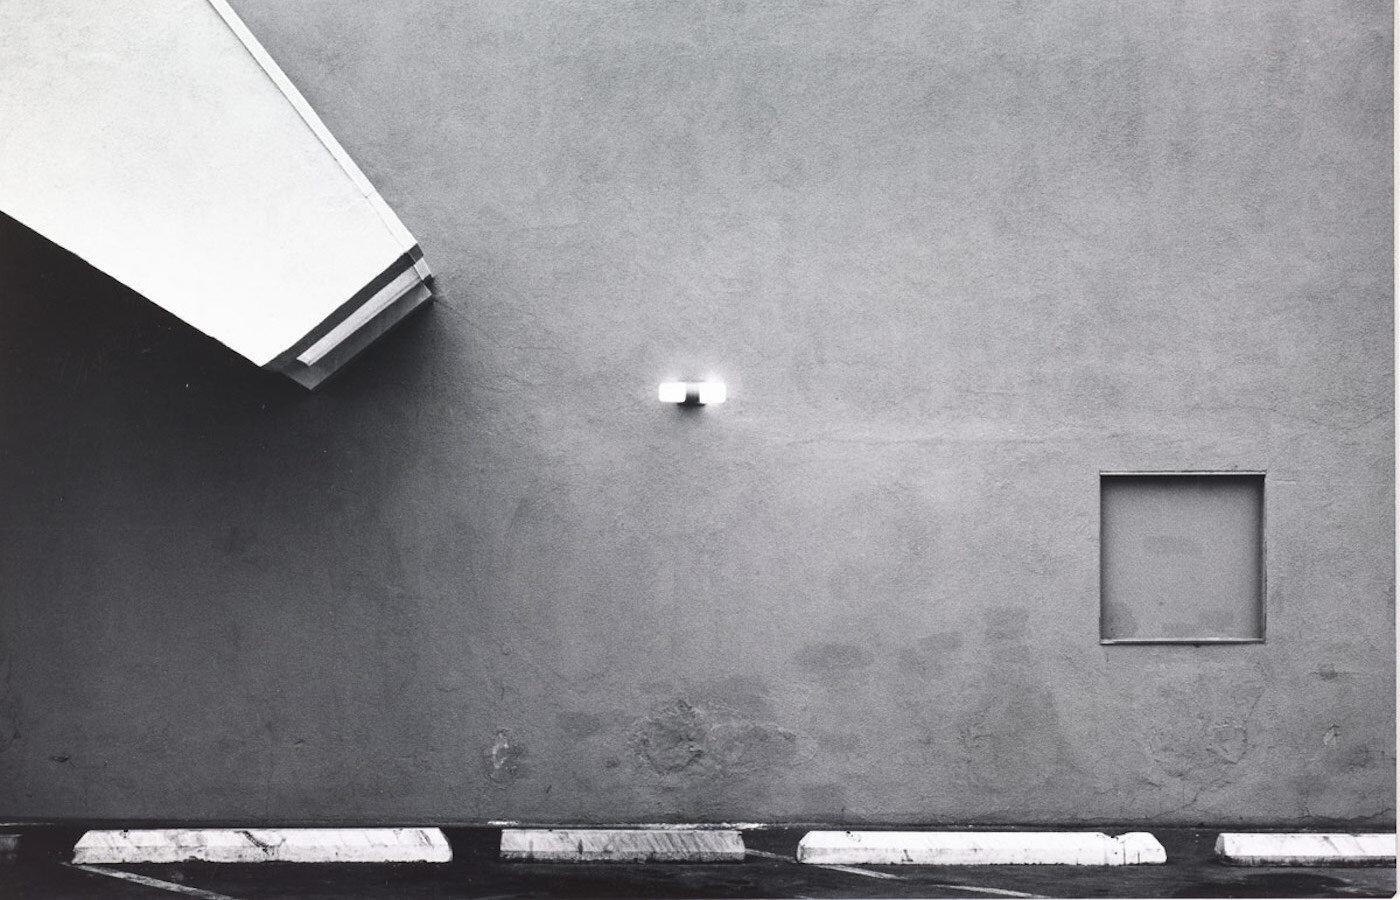 Lewis Baltzfoto